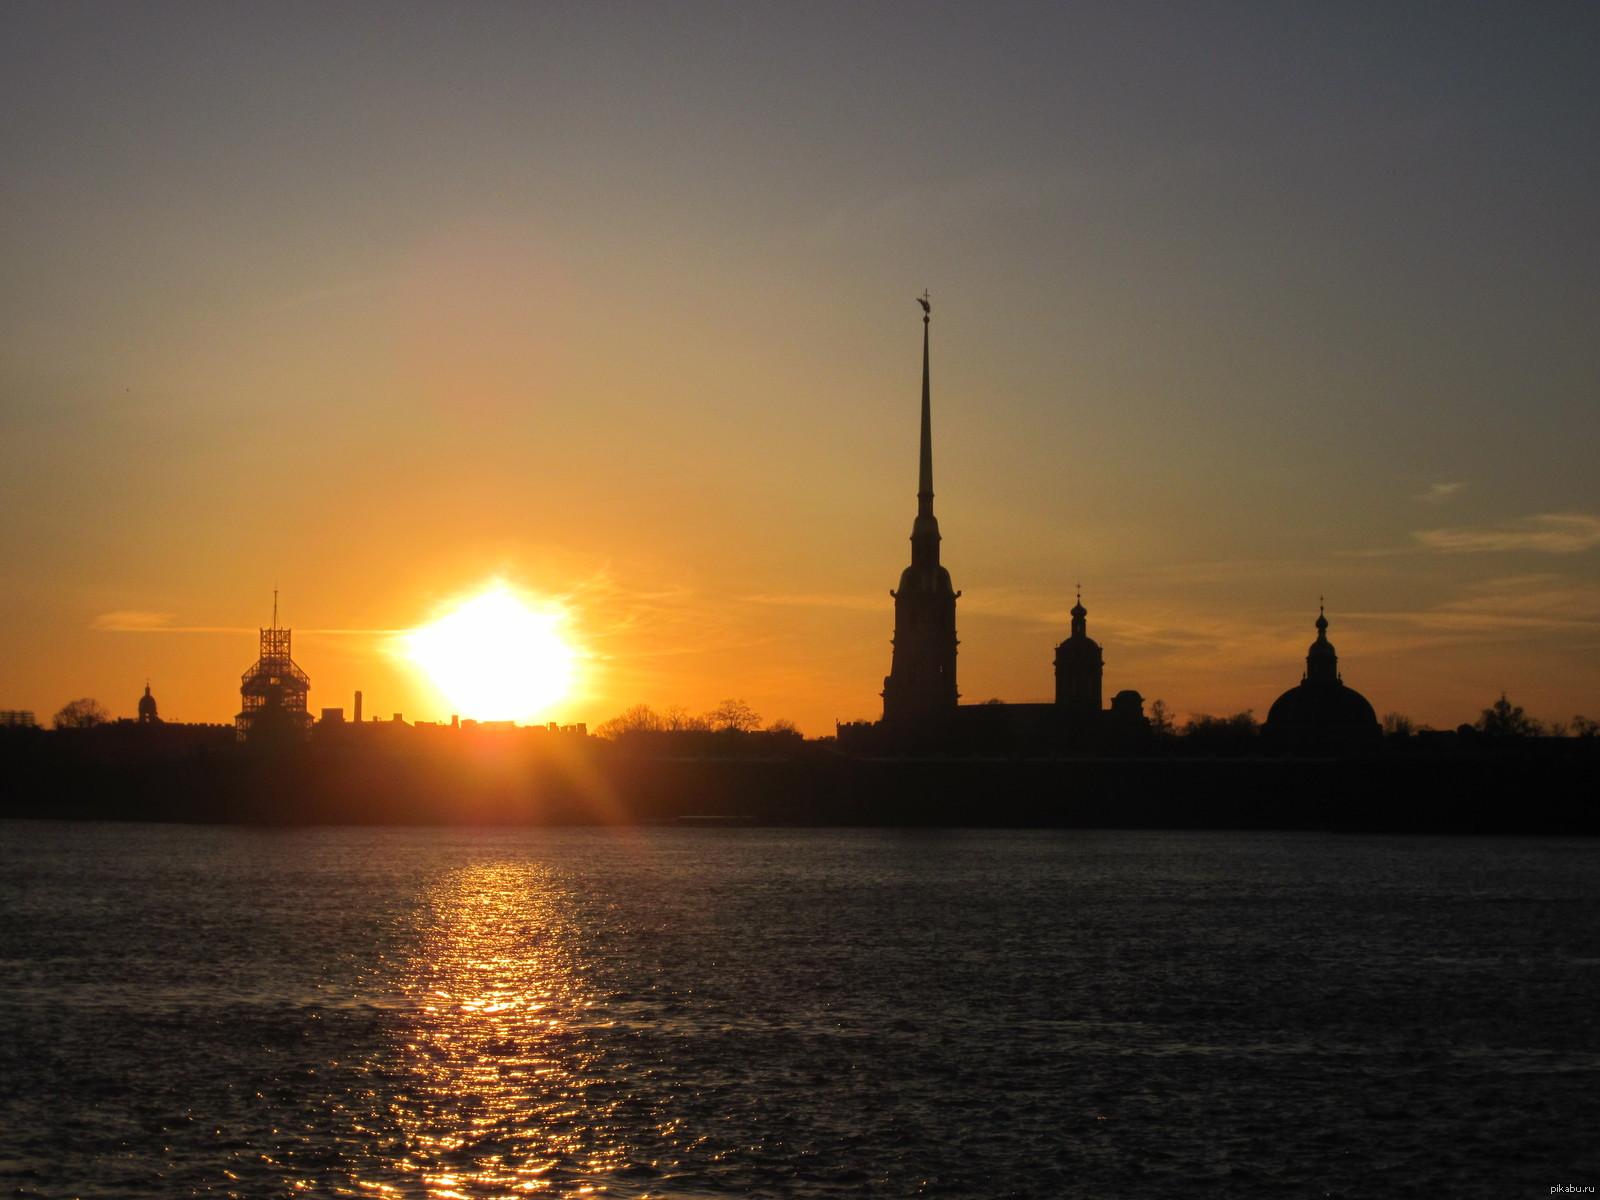 дорисовываем картинки санкт петербурга в закате вижу